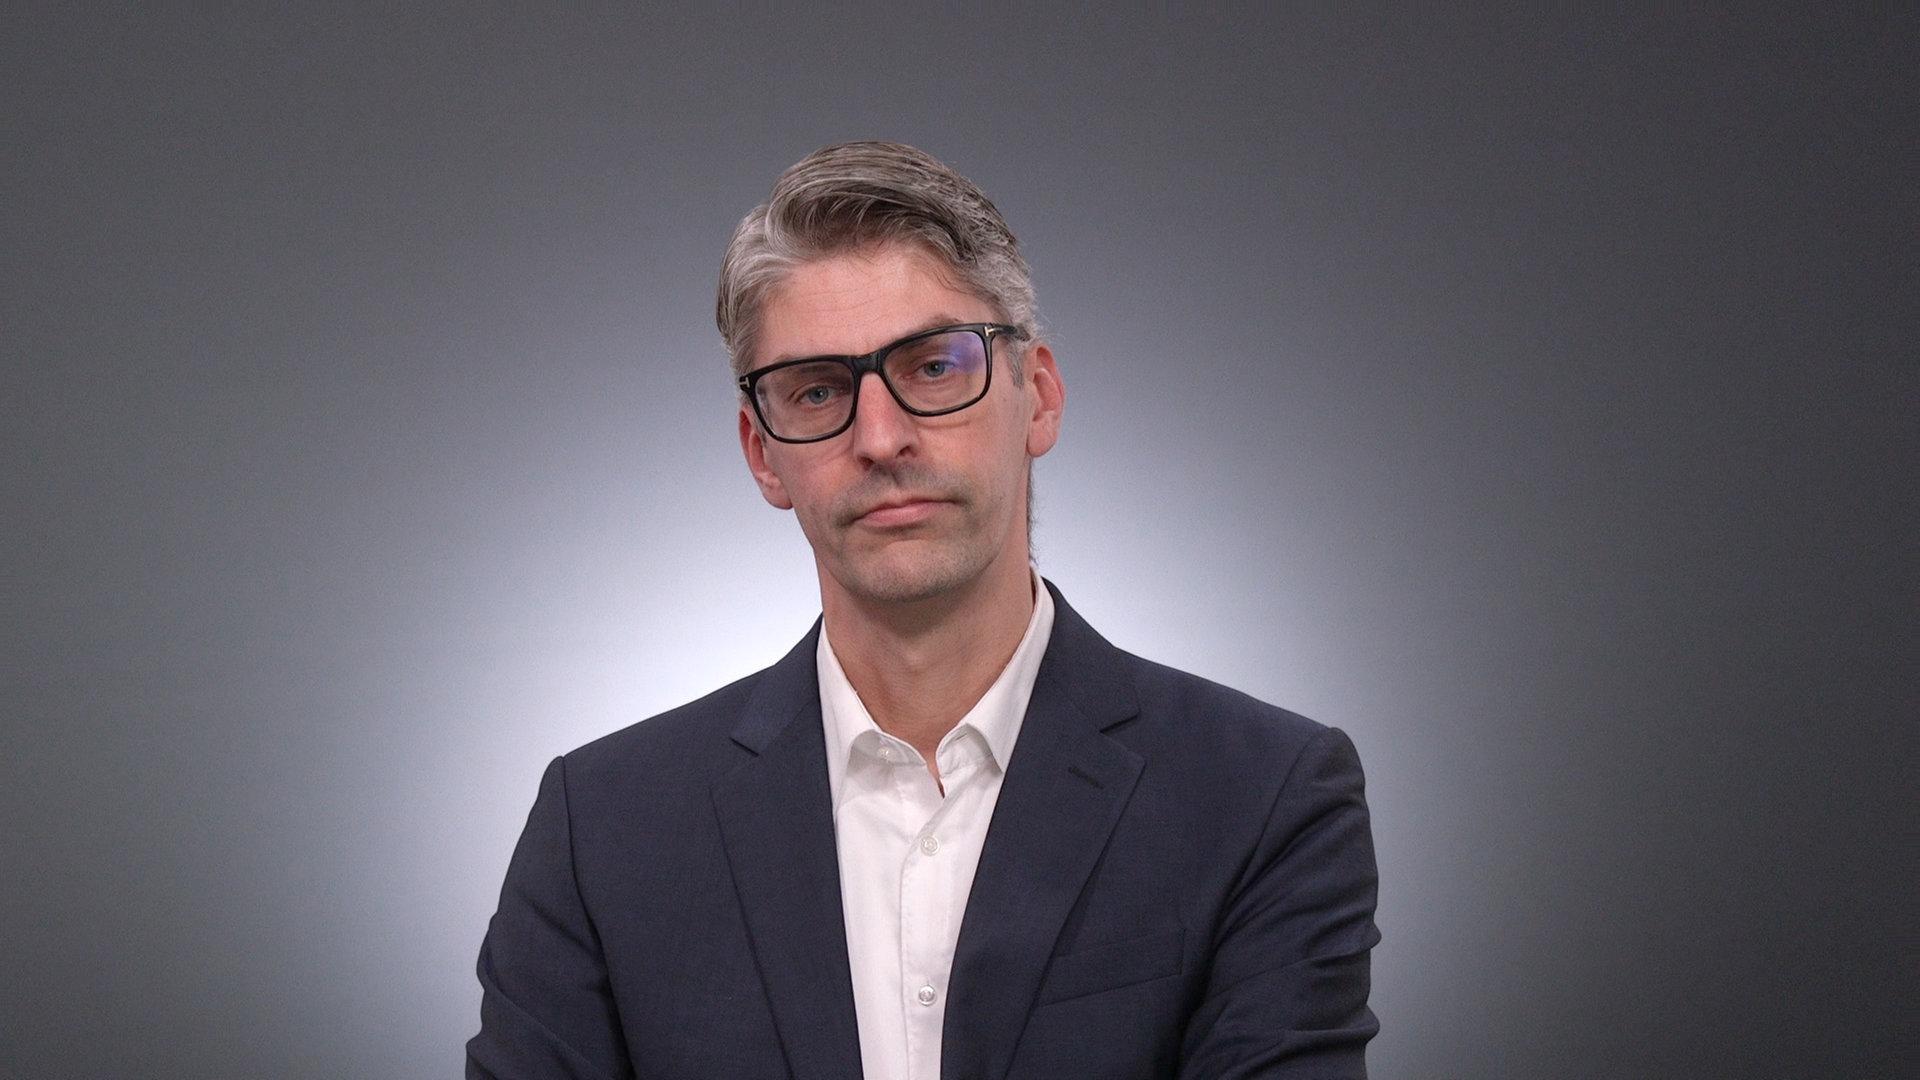 Hansjörg Schmidt, SPD